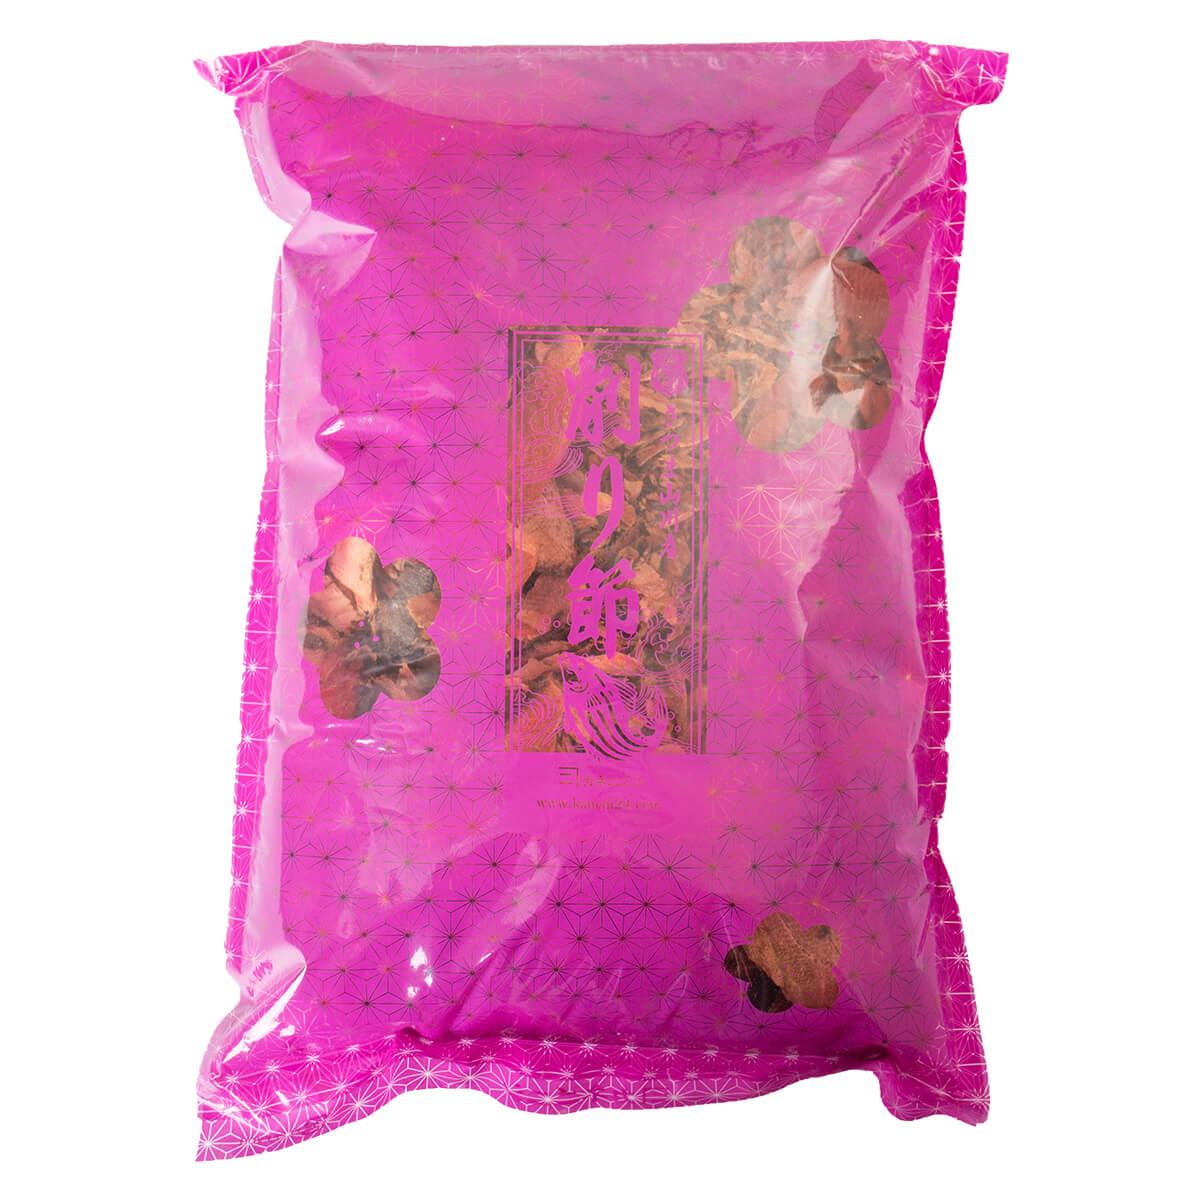 限定100袋 厚削り 荒節 小花 1kg 1袋 / 業務用 鰹節 かつお節【送料無料】